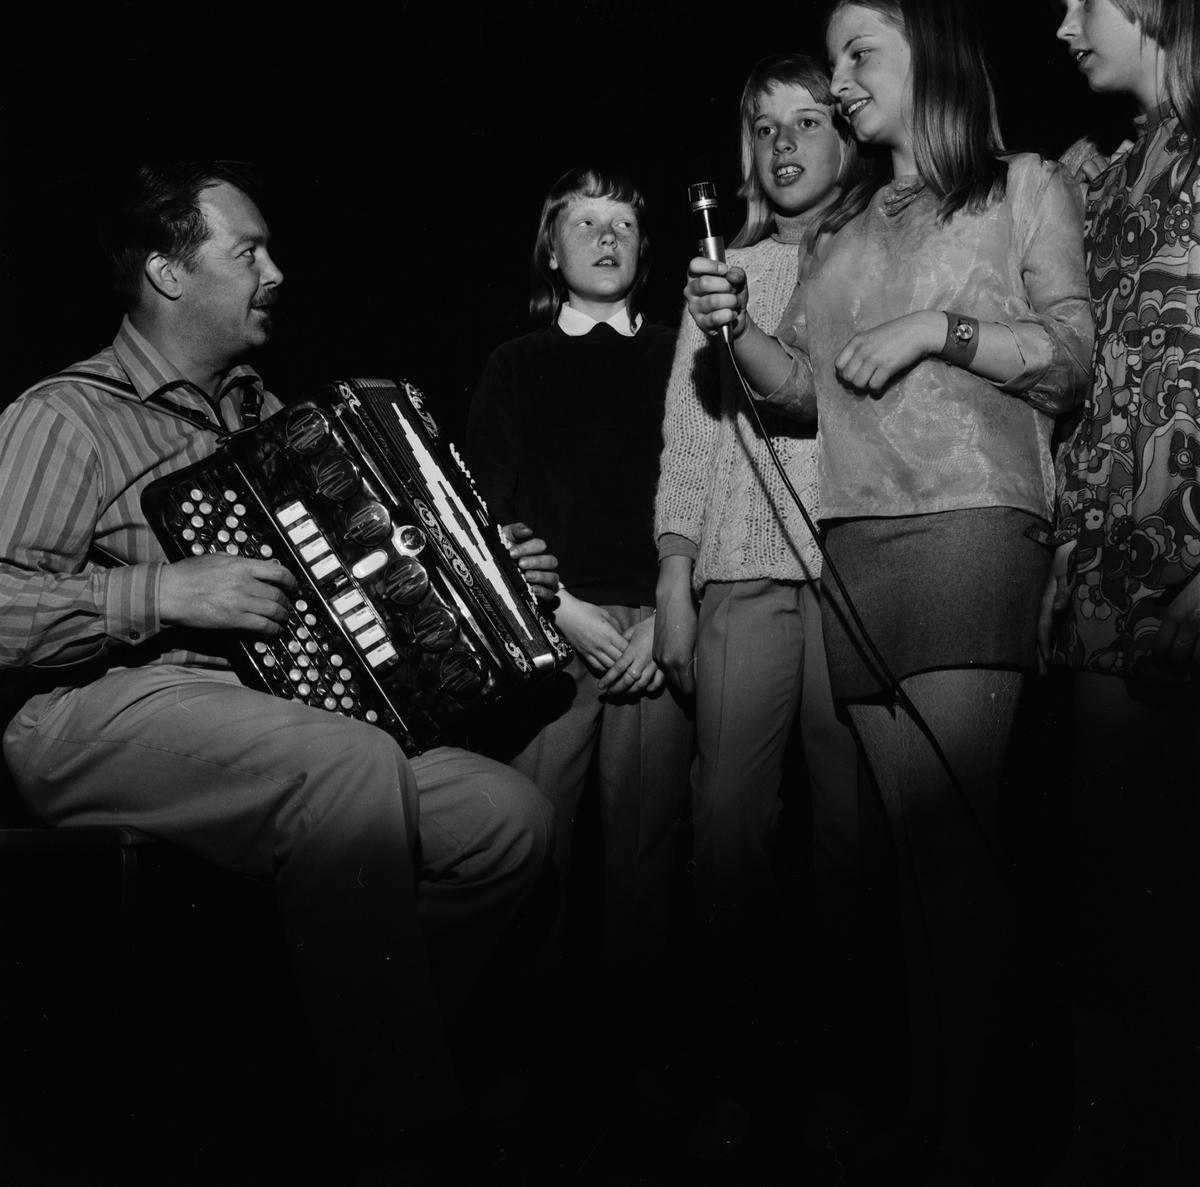 Musikern Egron Hultgren och uppträdande flickor på Unga Örnars avslutningsfest i Sveasalen